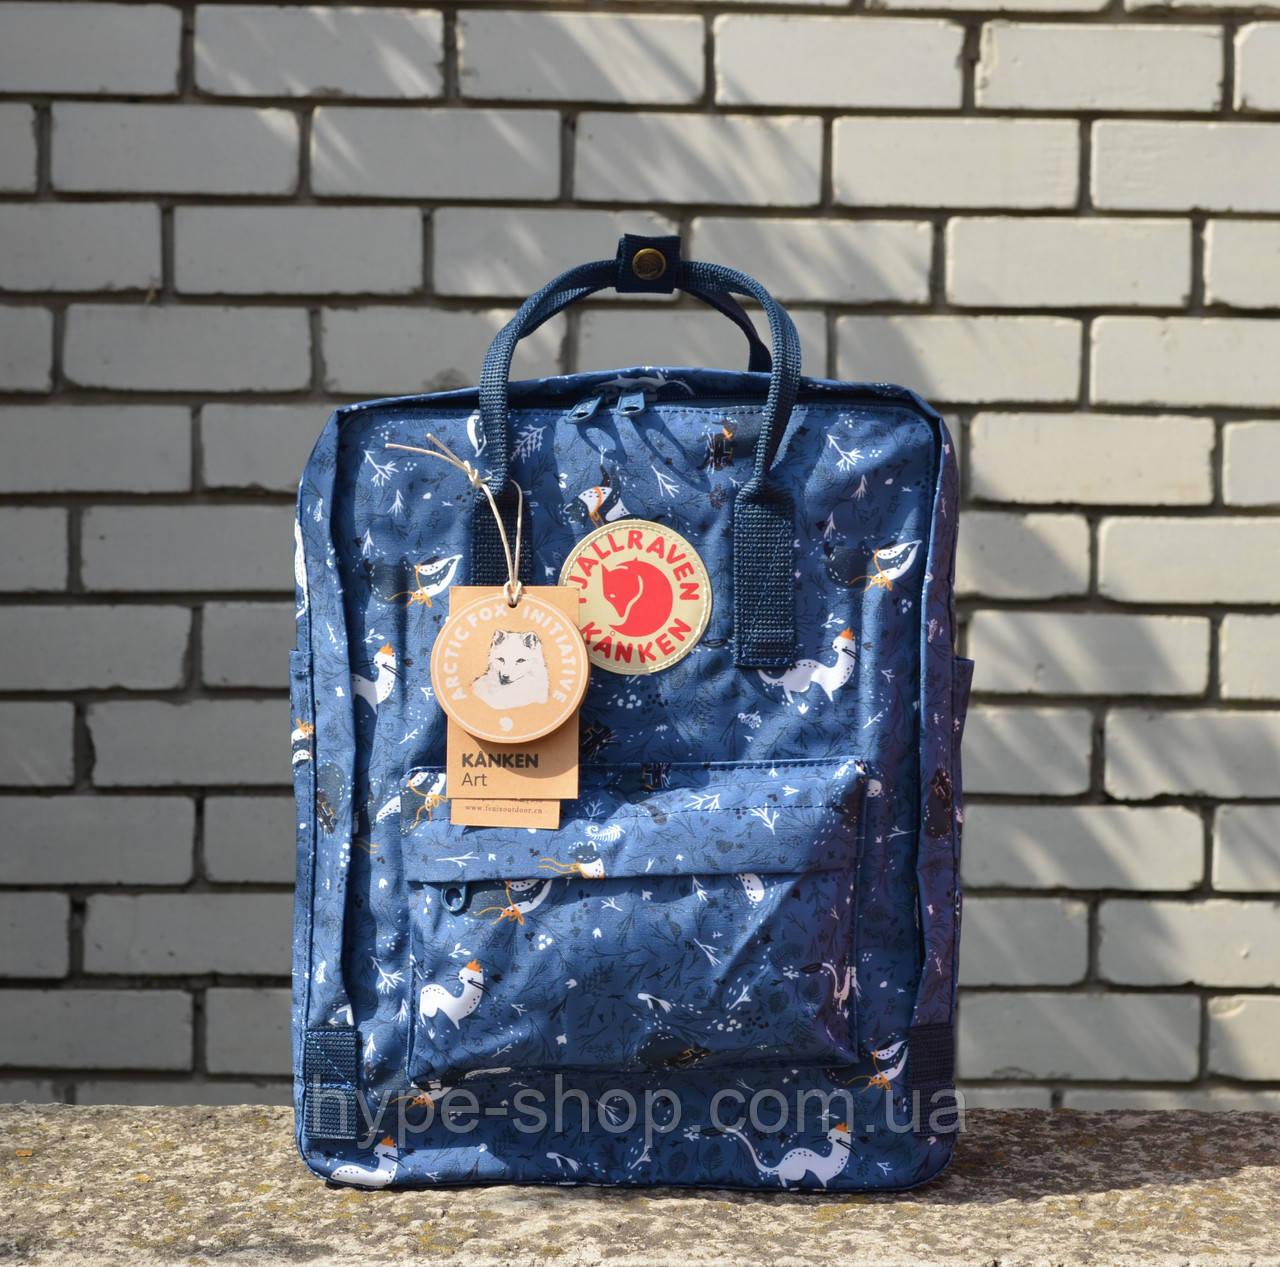 Синий Рюкзак в стиле Fjallraven Kanken Classic, синий канкен